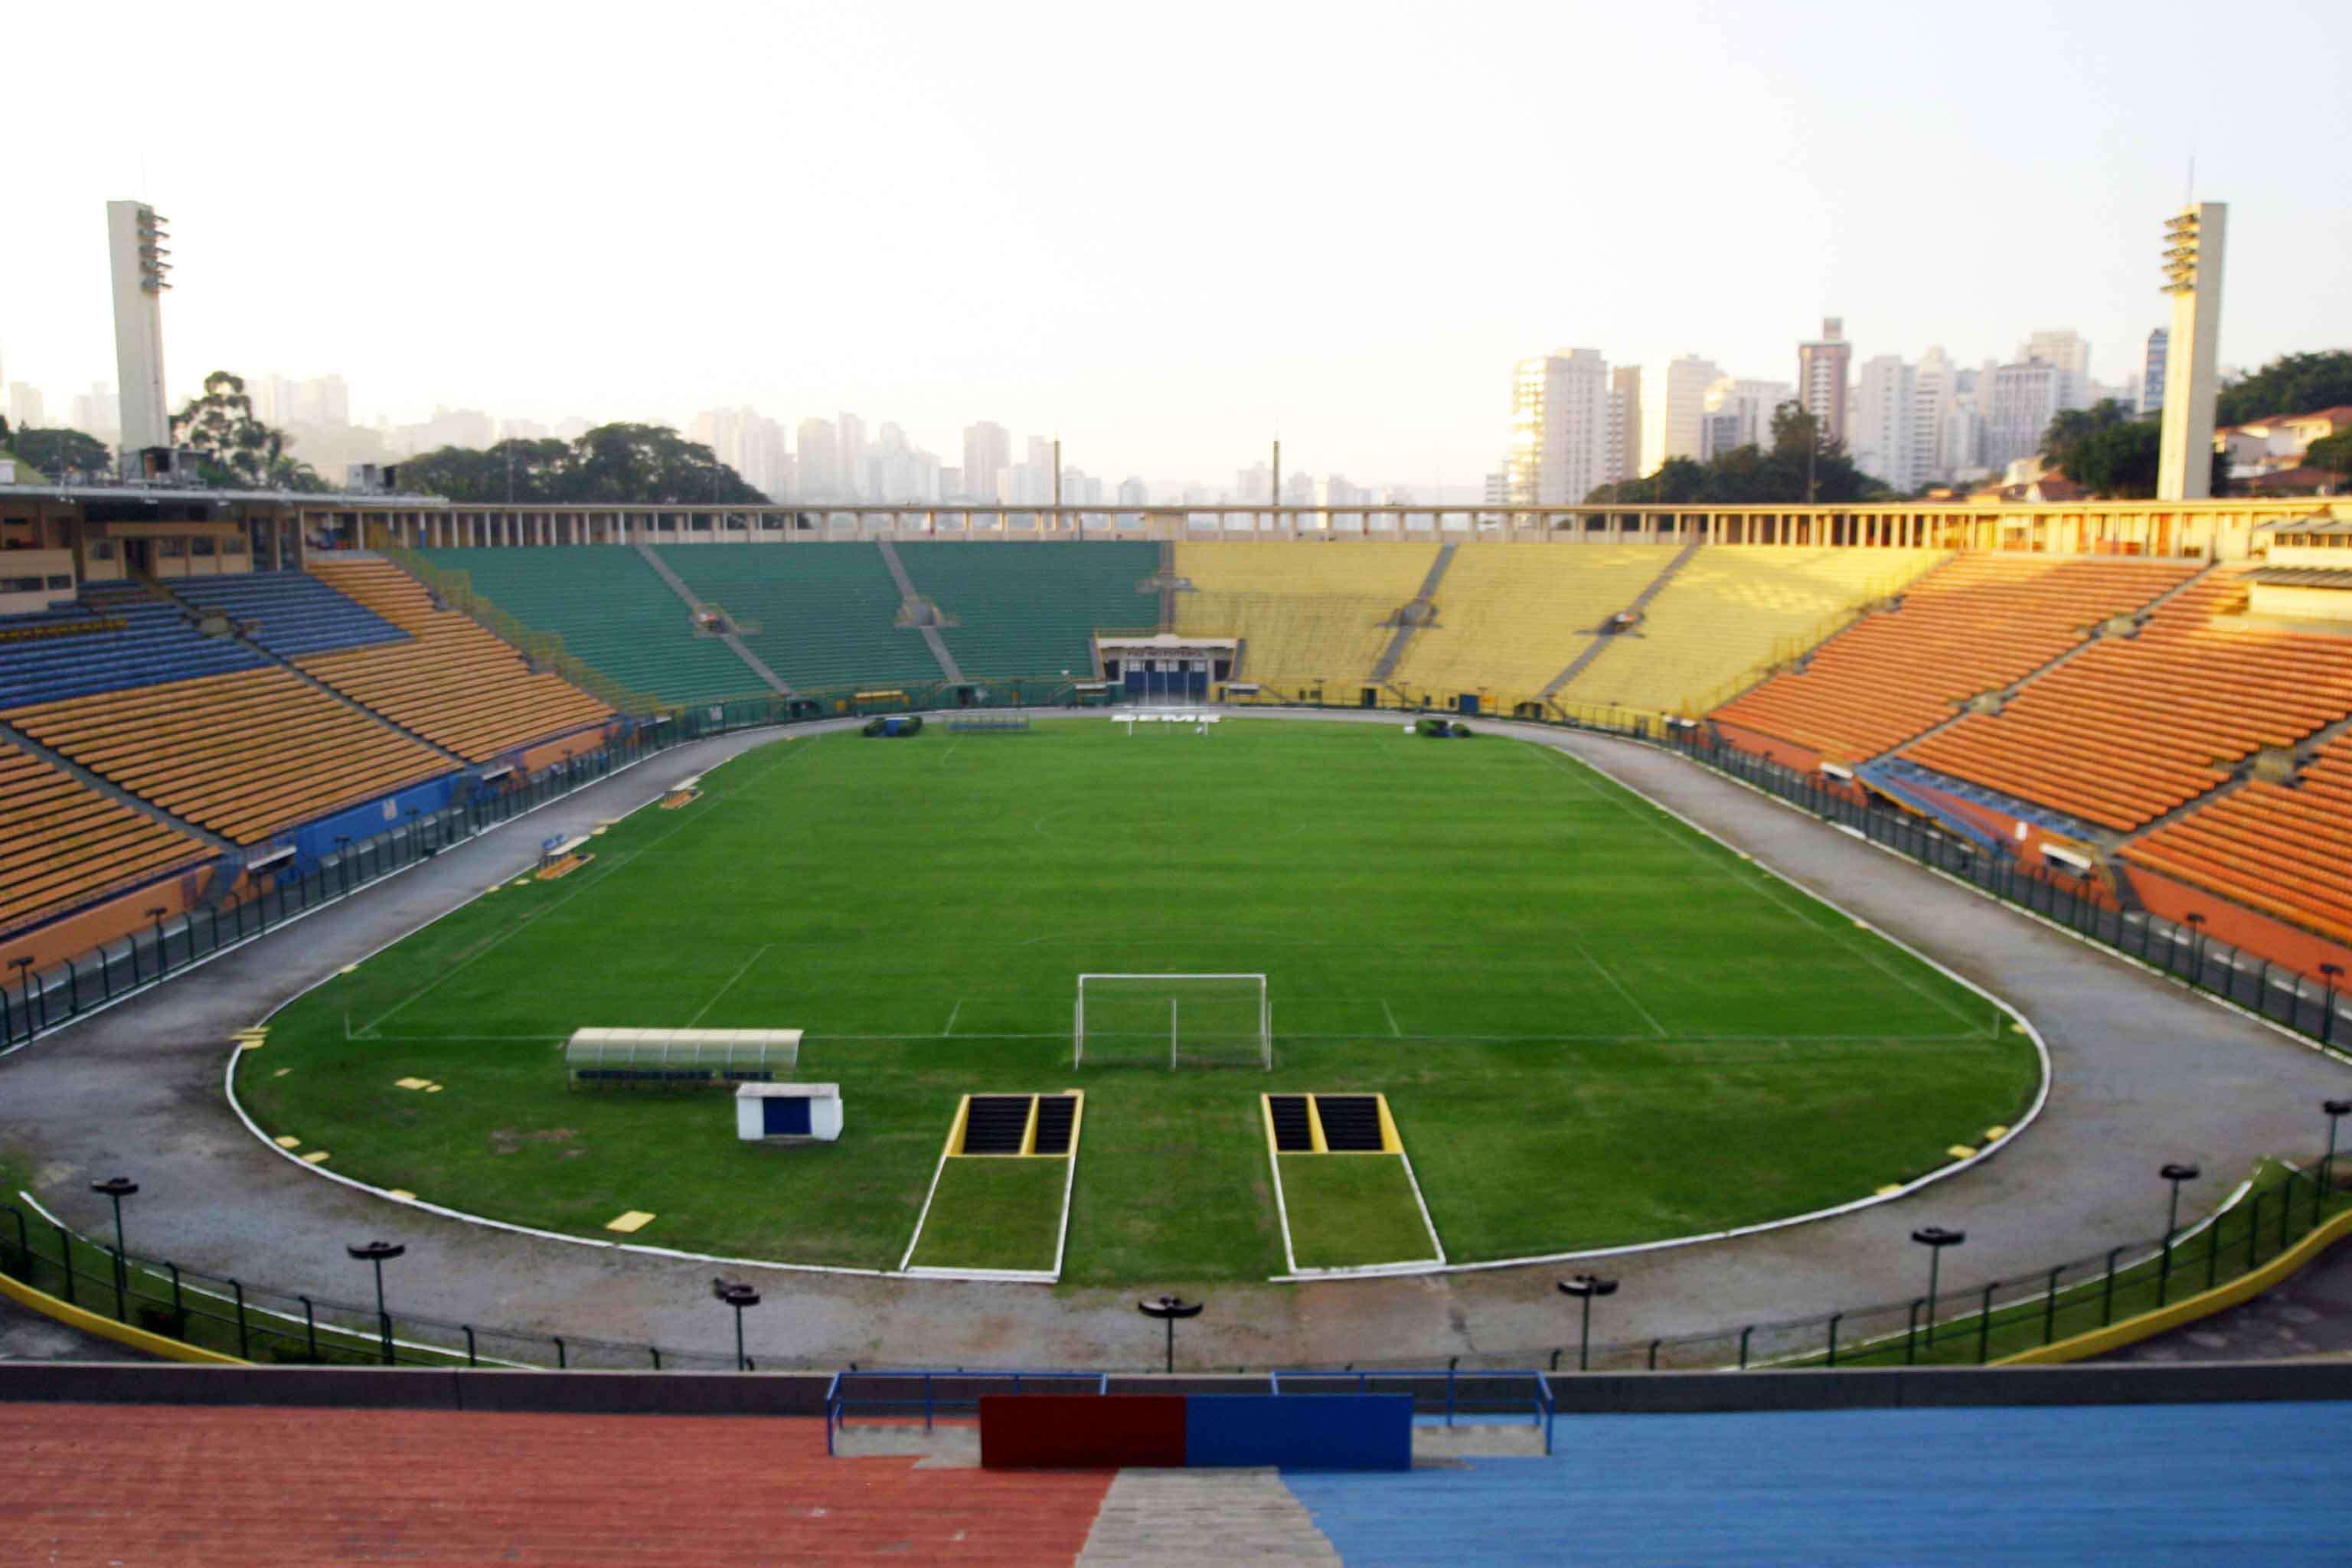 EXCLUSIVO: definido o local e data da final Libertadores da Várzea